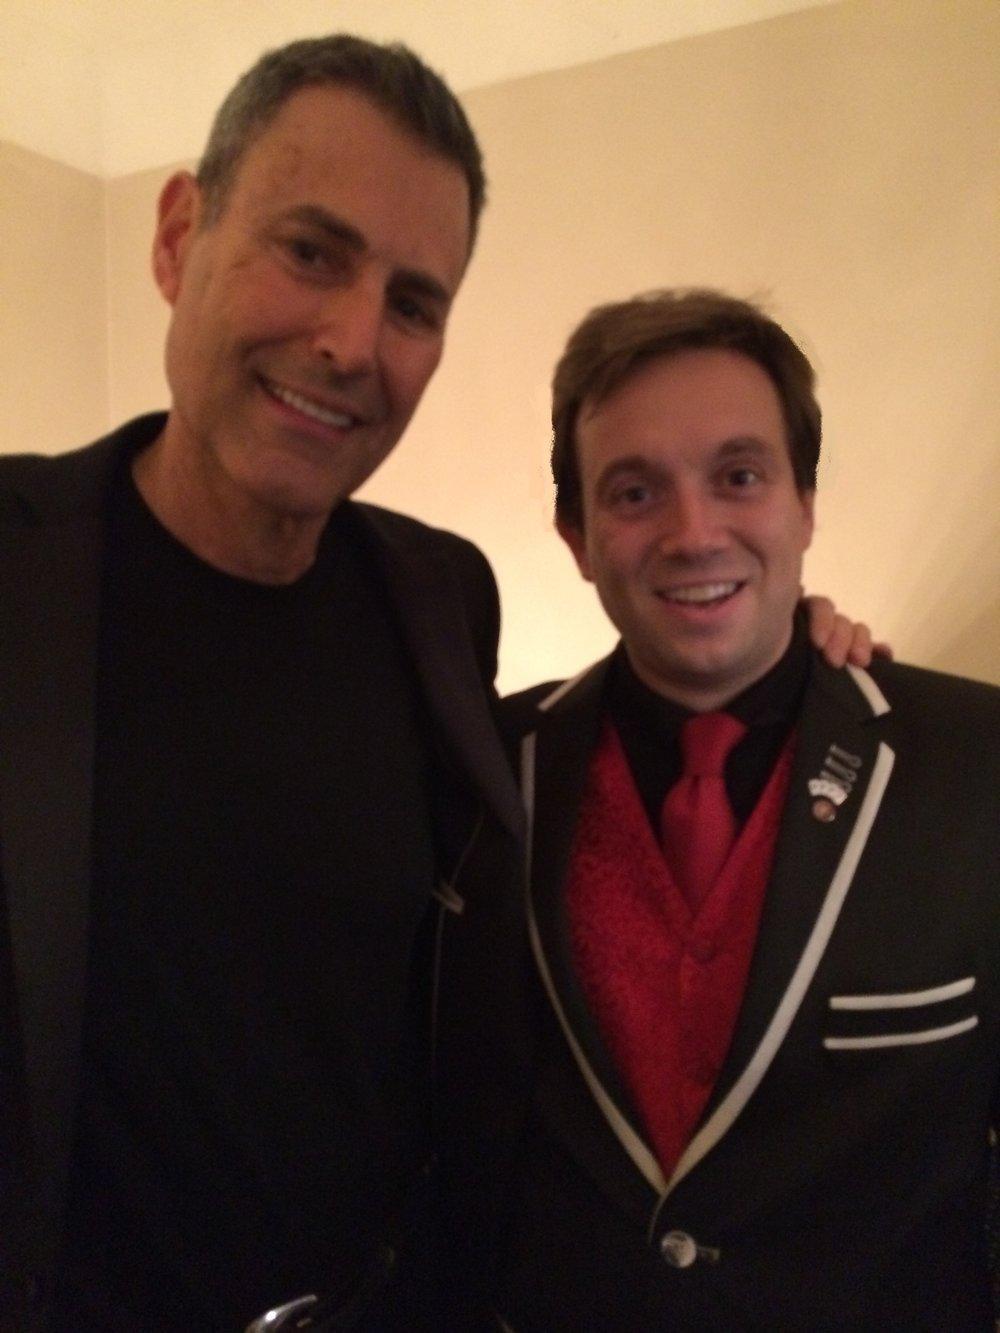 Uri Gellar performing with Matthew